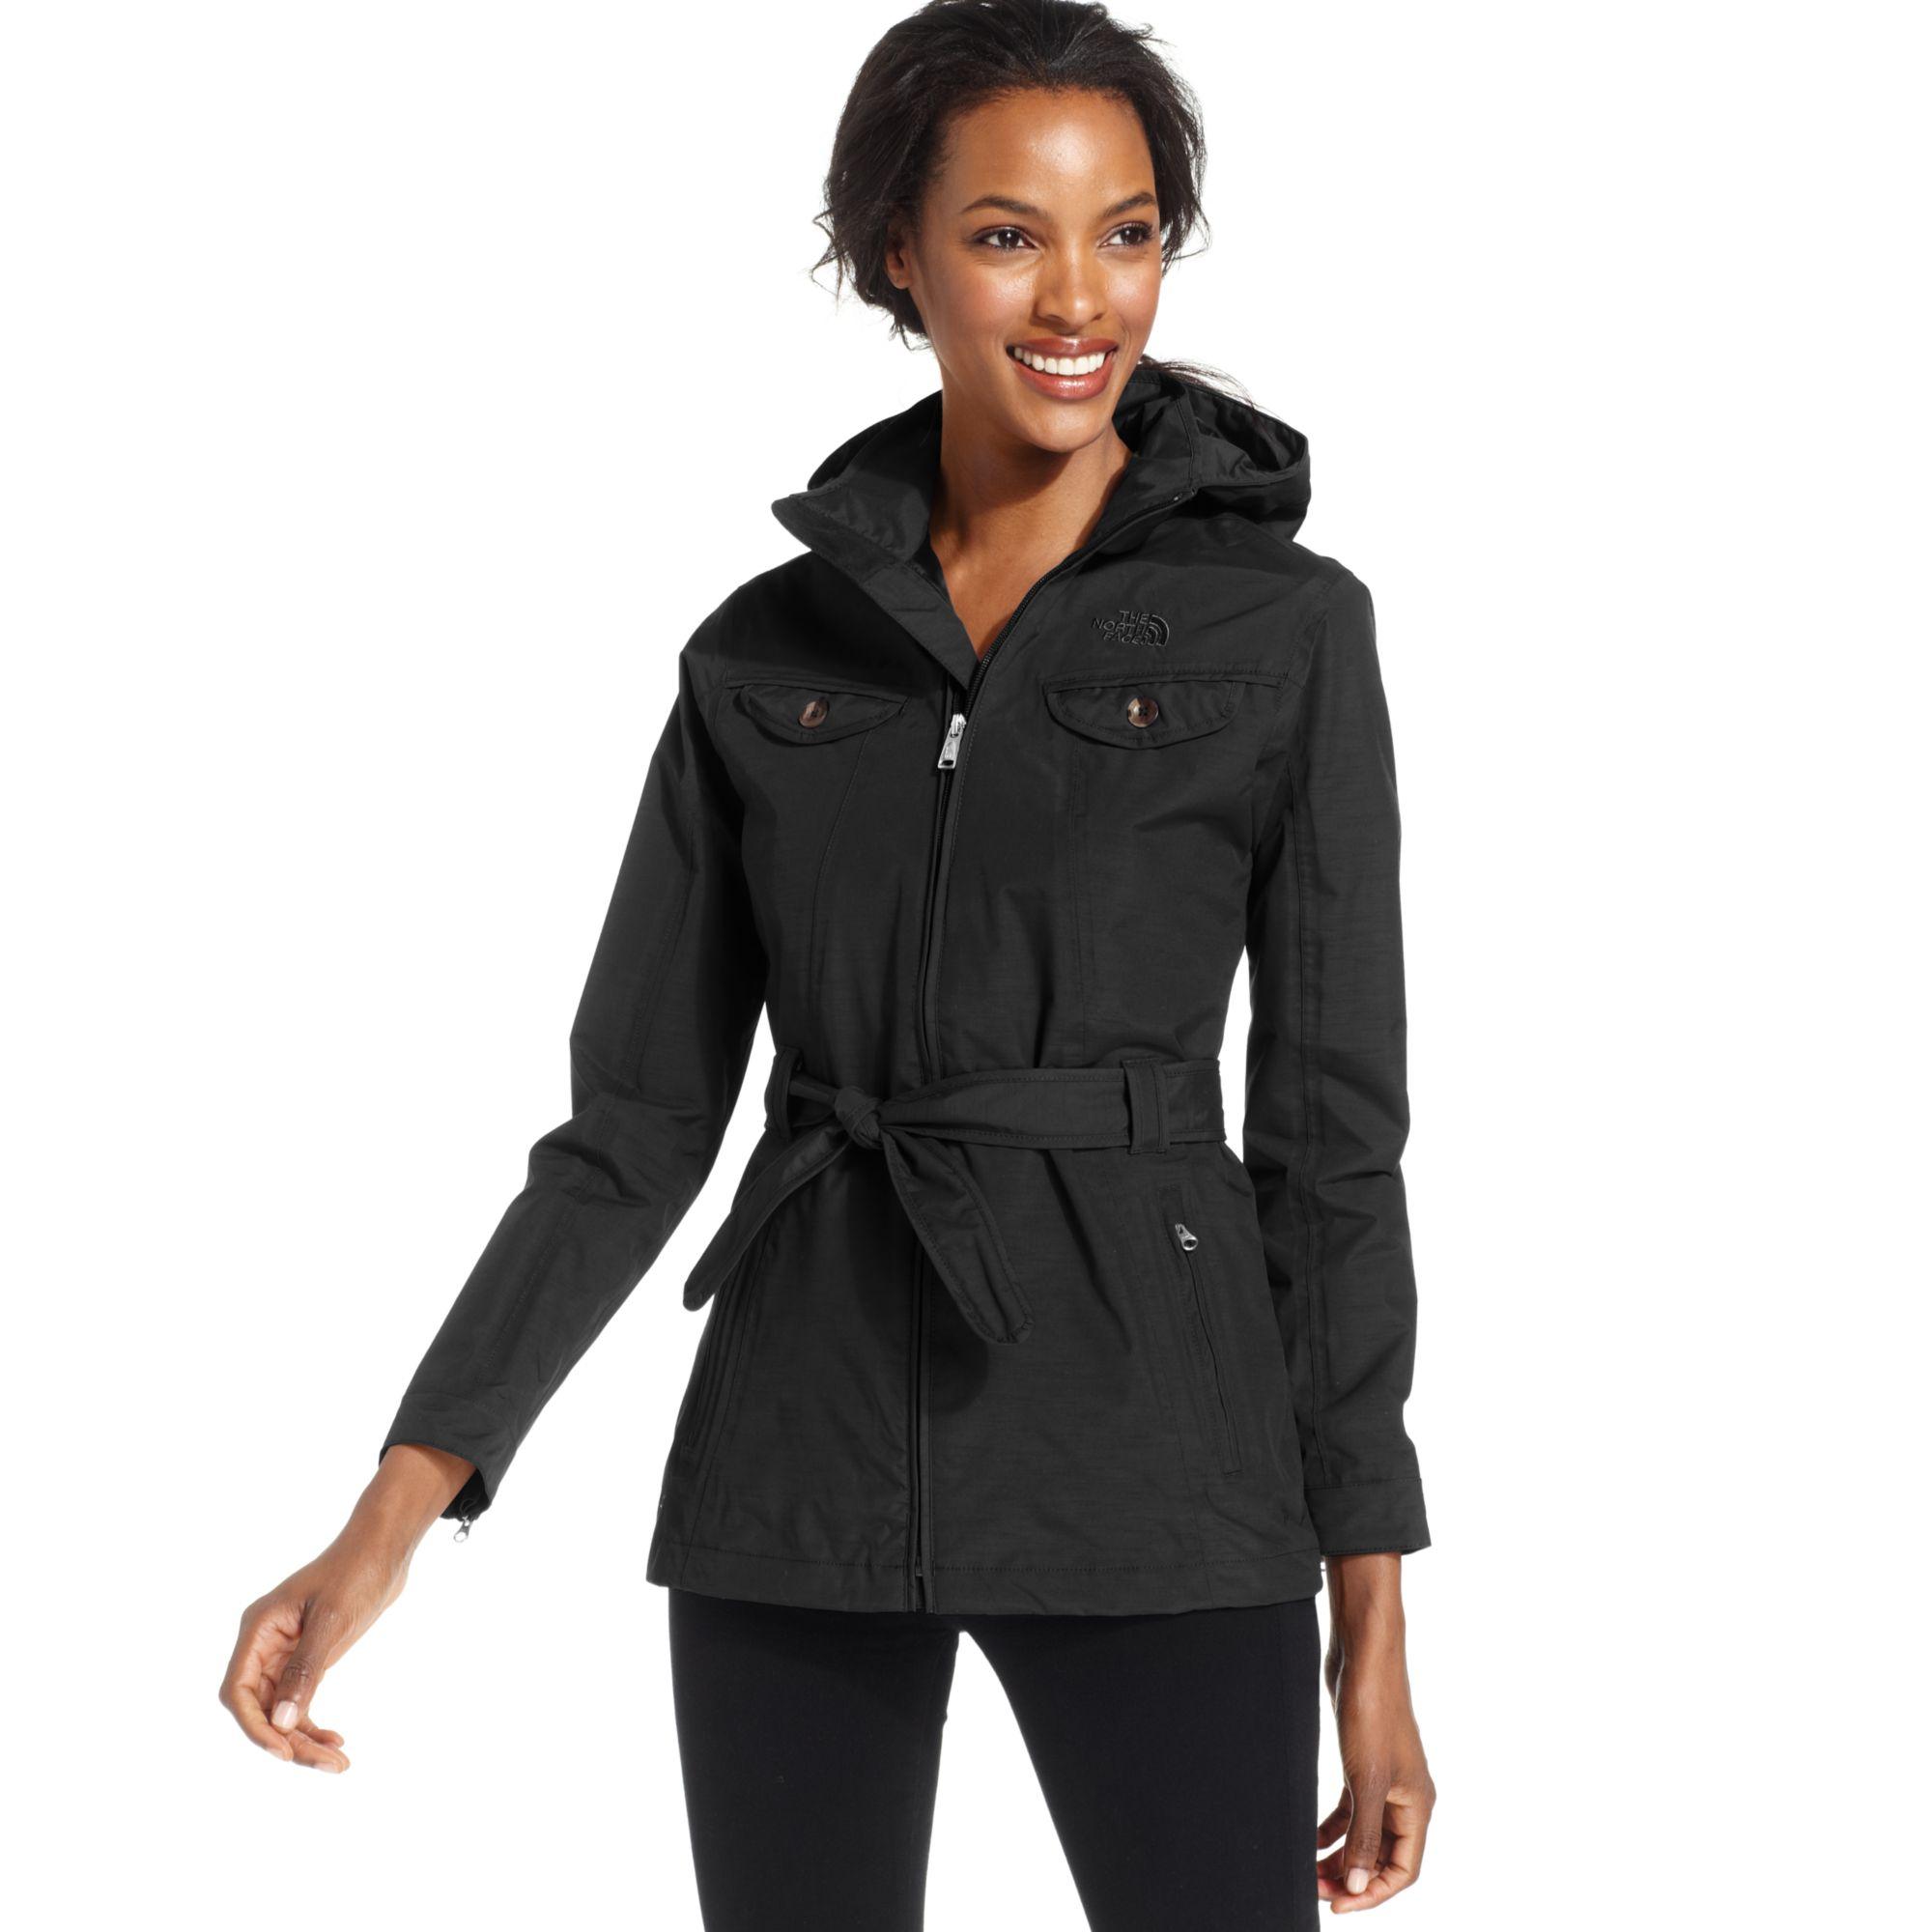 Womens Lightweight Rain Jacket